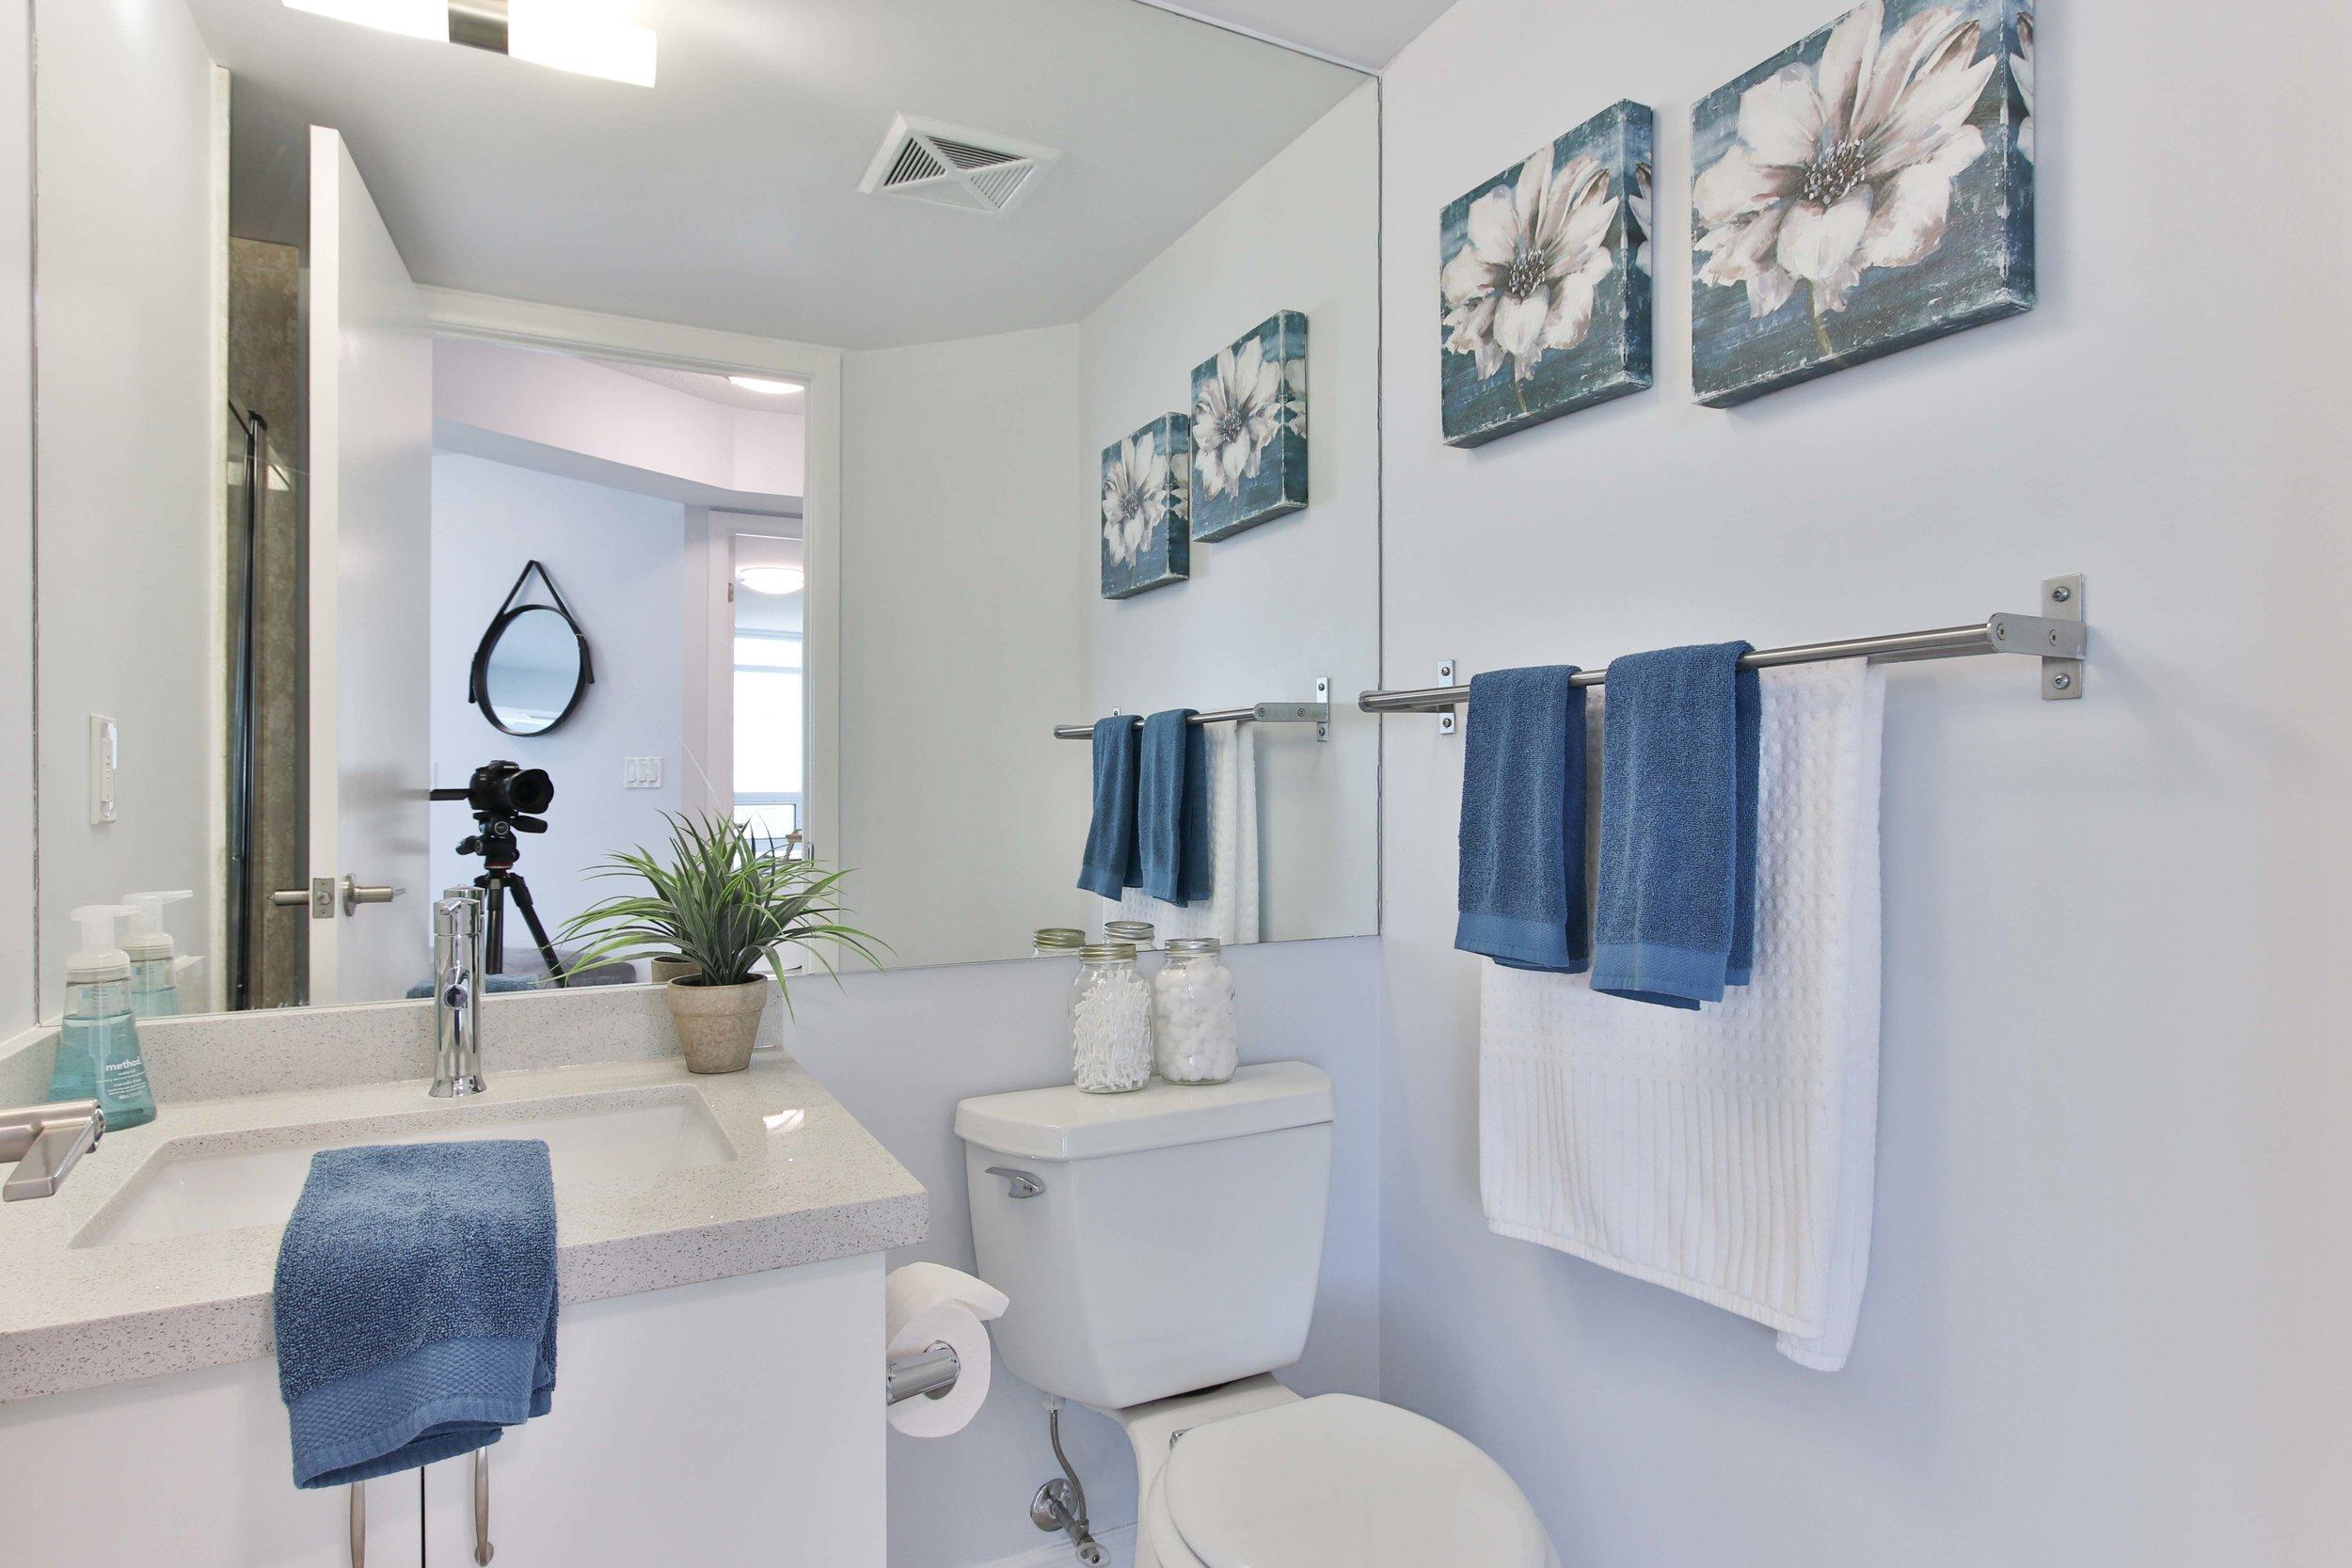 24_Washroom.jpg